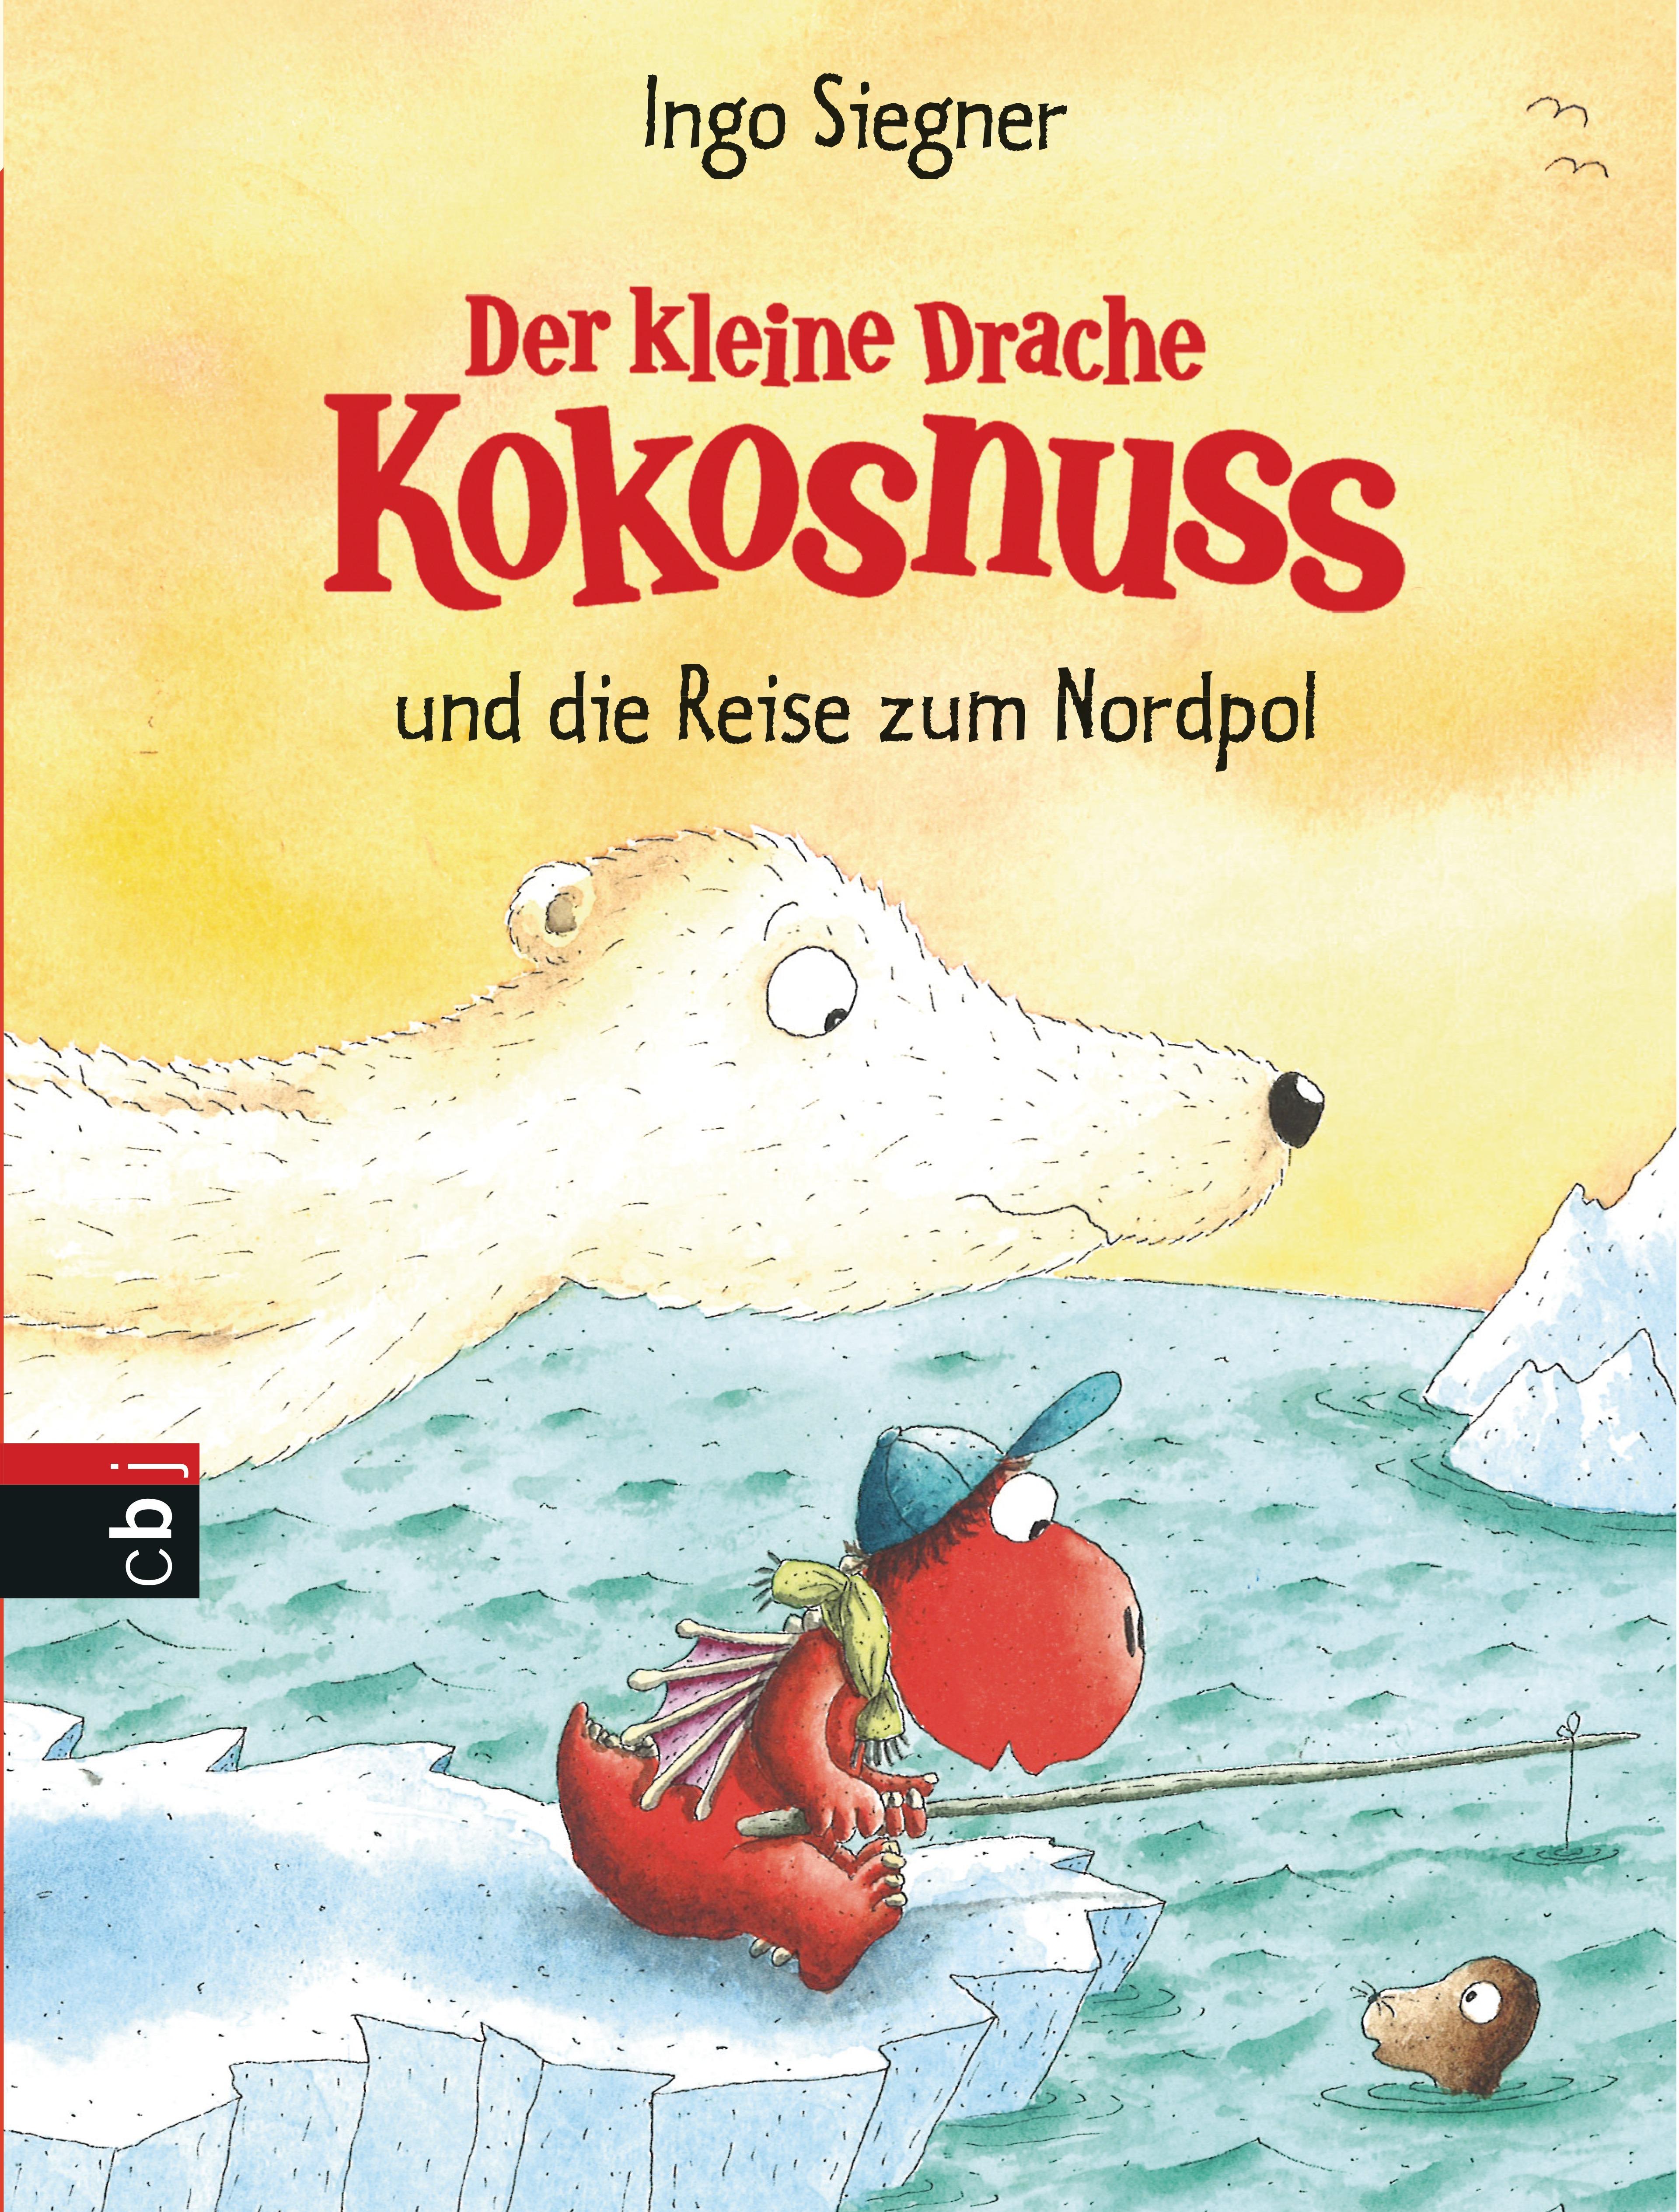 Der kleine Drache Kokosnuss und die Reise zum Nordpol: Band 22 - Ingo Siegner